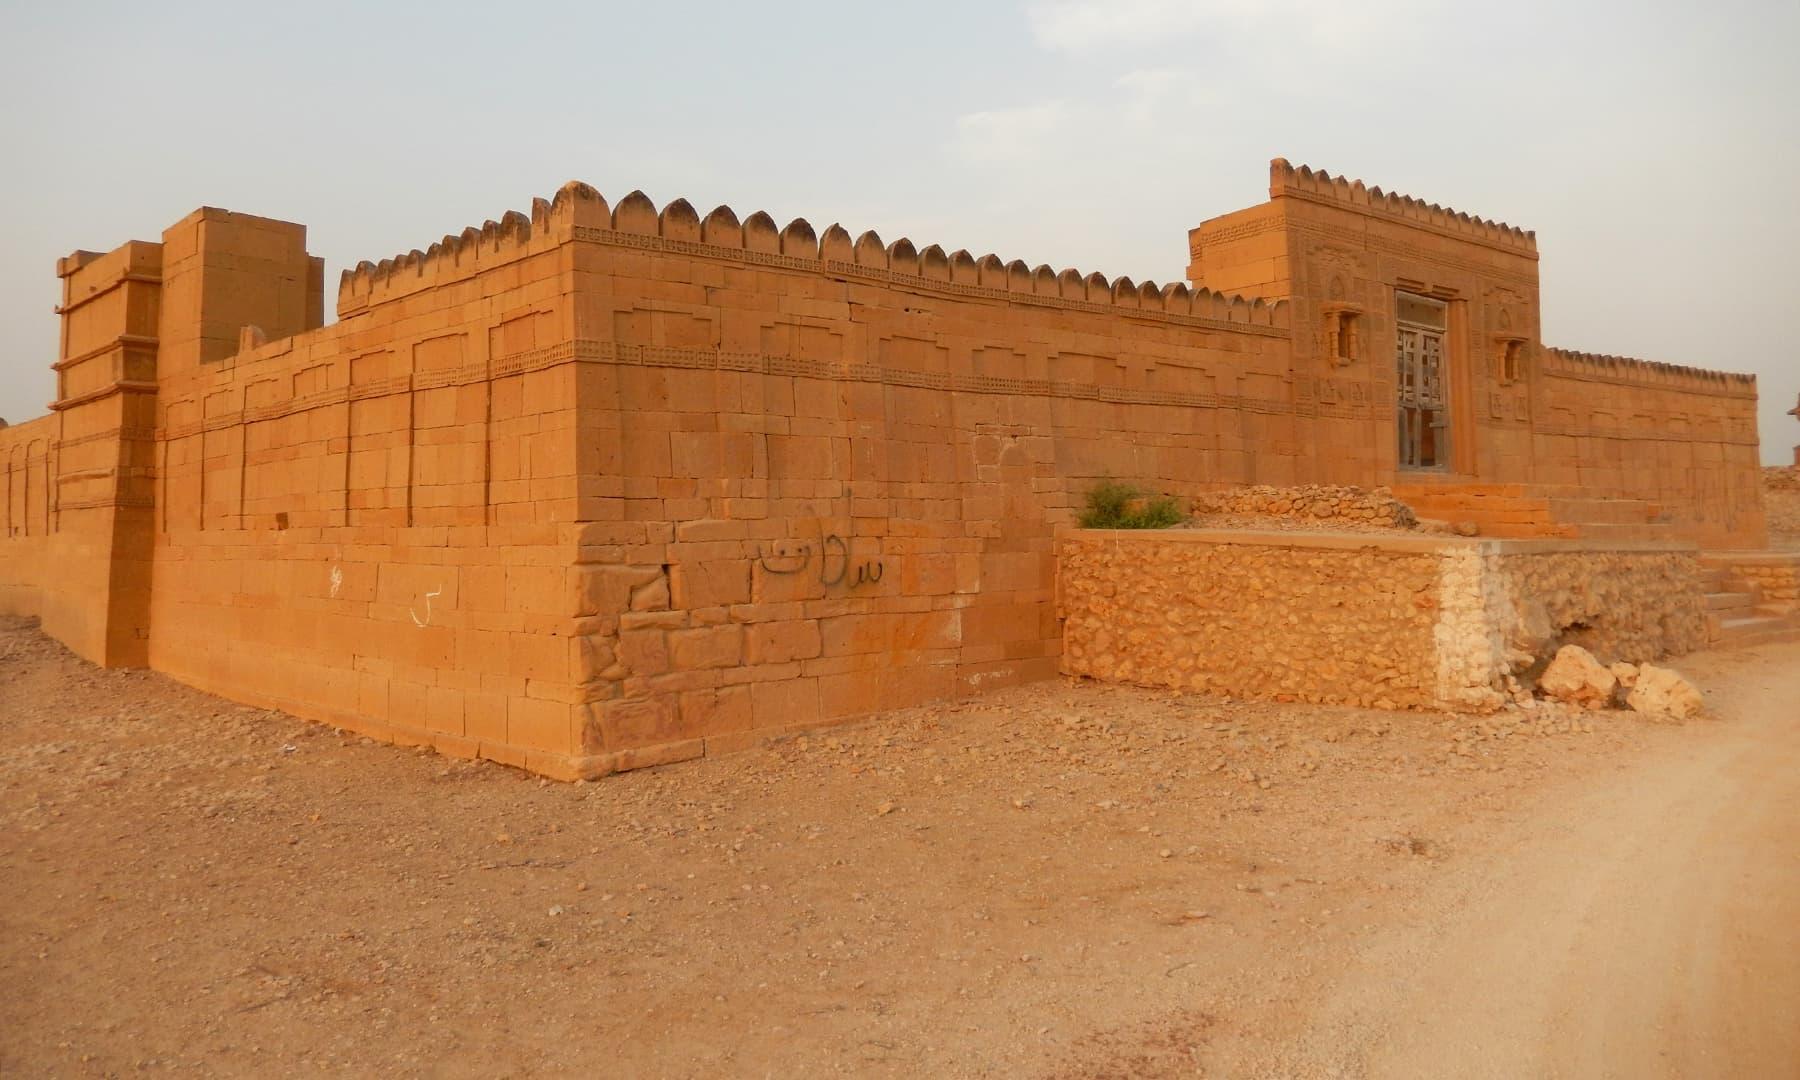 اعظم خان کا مقبرہ— تصویر ابوبکر شیخ